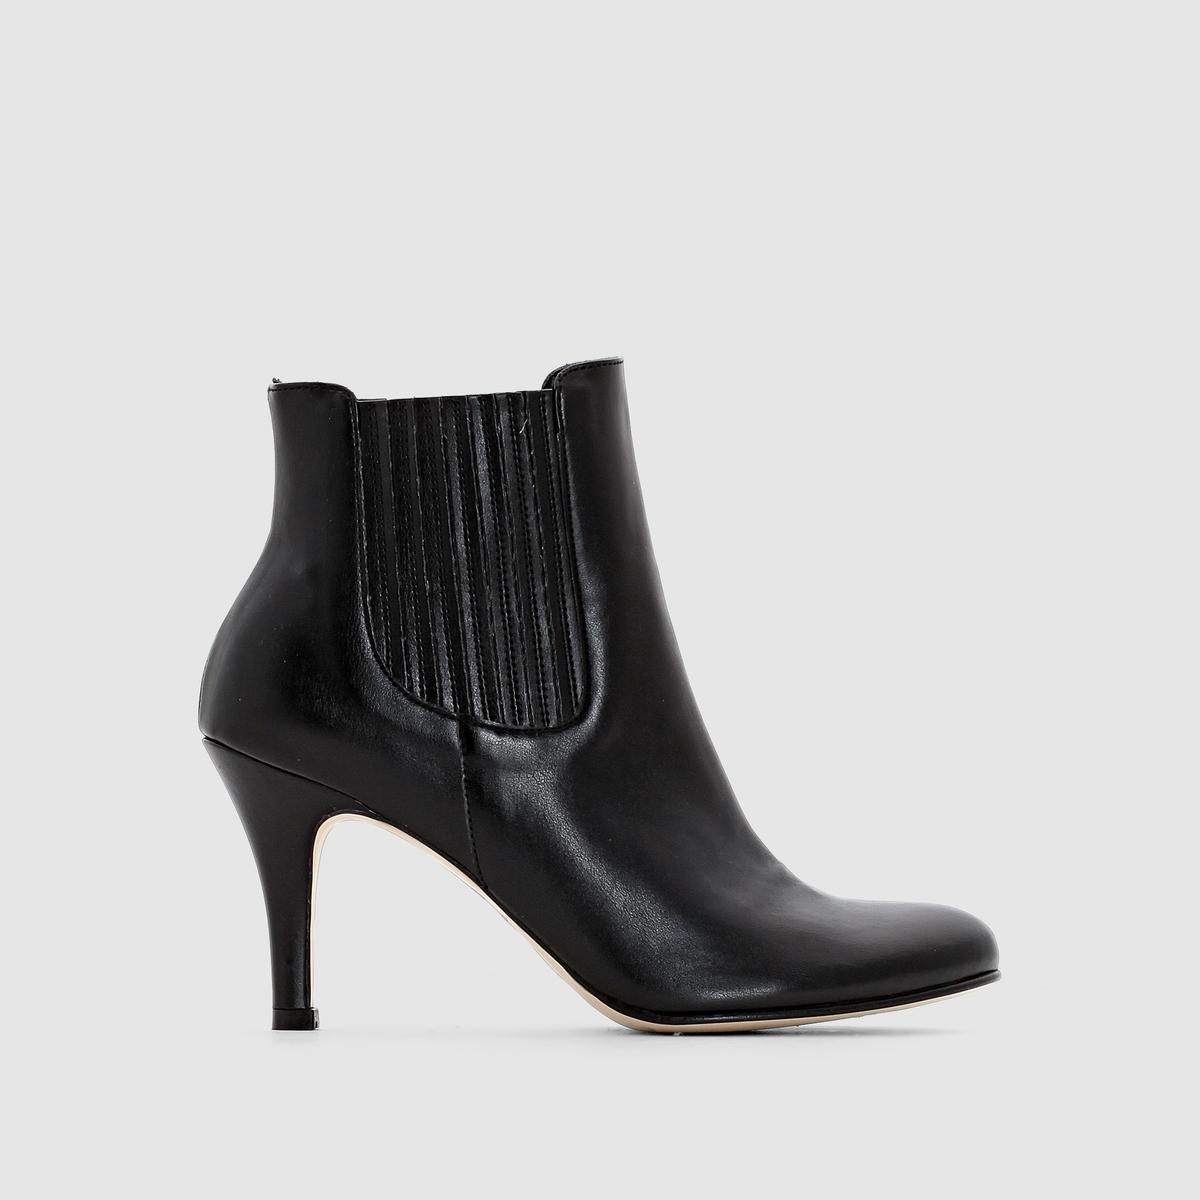 Ботильоны на каблукеБотильоны на каблуке - JONAK.Верх : синтетический материалПодкладка : кожа Стелька : кожа Подошва : эластомер.Застежка   : без застежки, с эластичными вставками по бокамВысота каблука : 6 см. Утонченный и модный дизайн от Jonak: Тонкий каблук, изящная форма. Подчеркнуто женственные ботинки подойдут к любой одежде: и к юбке, и к брюкам!<br><br>Цвет: черный<br>Размер: 37.39.40